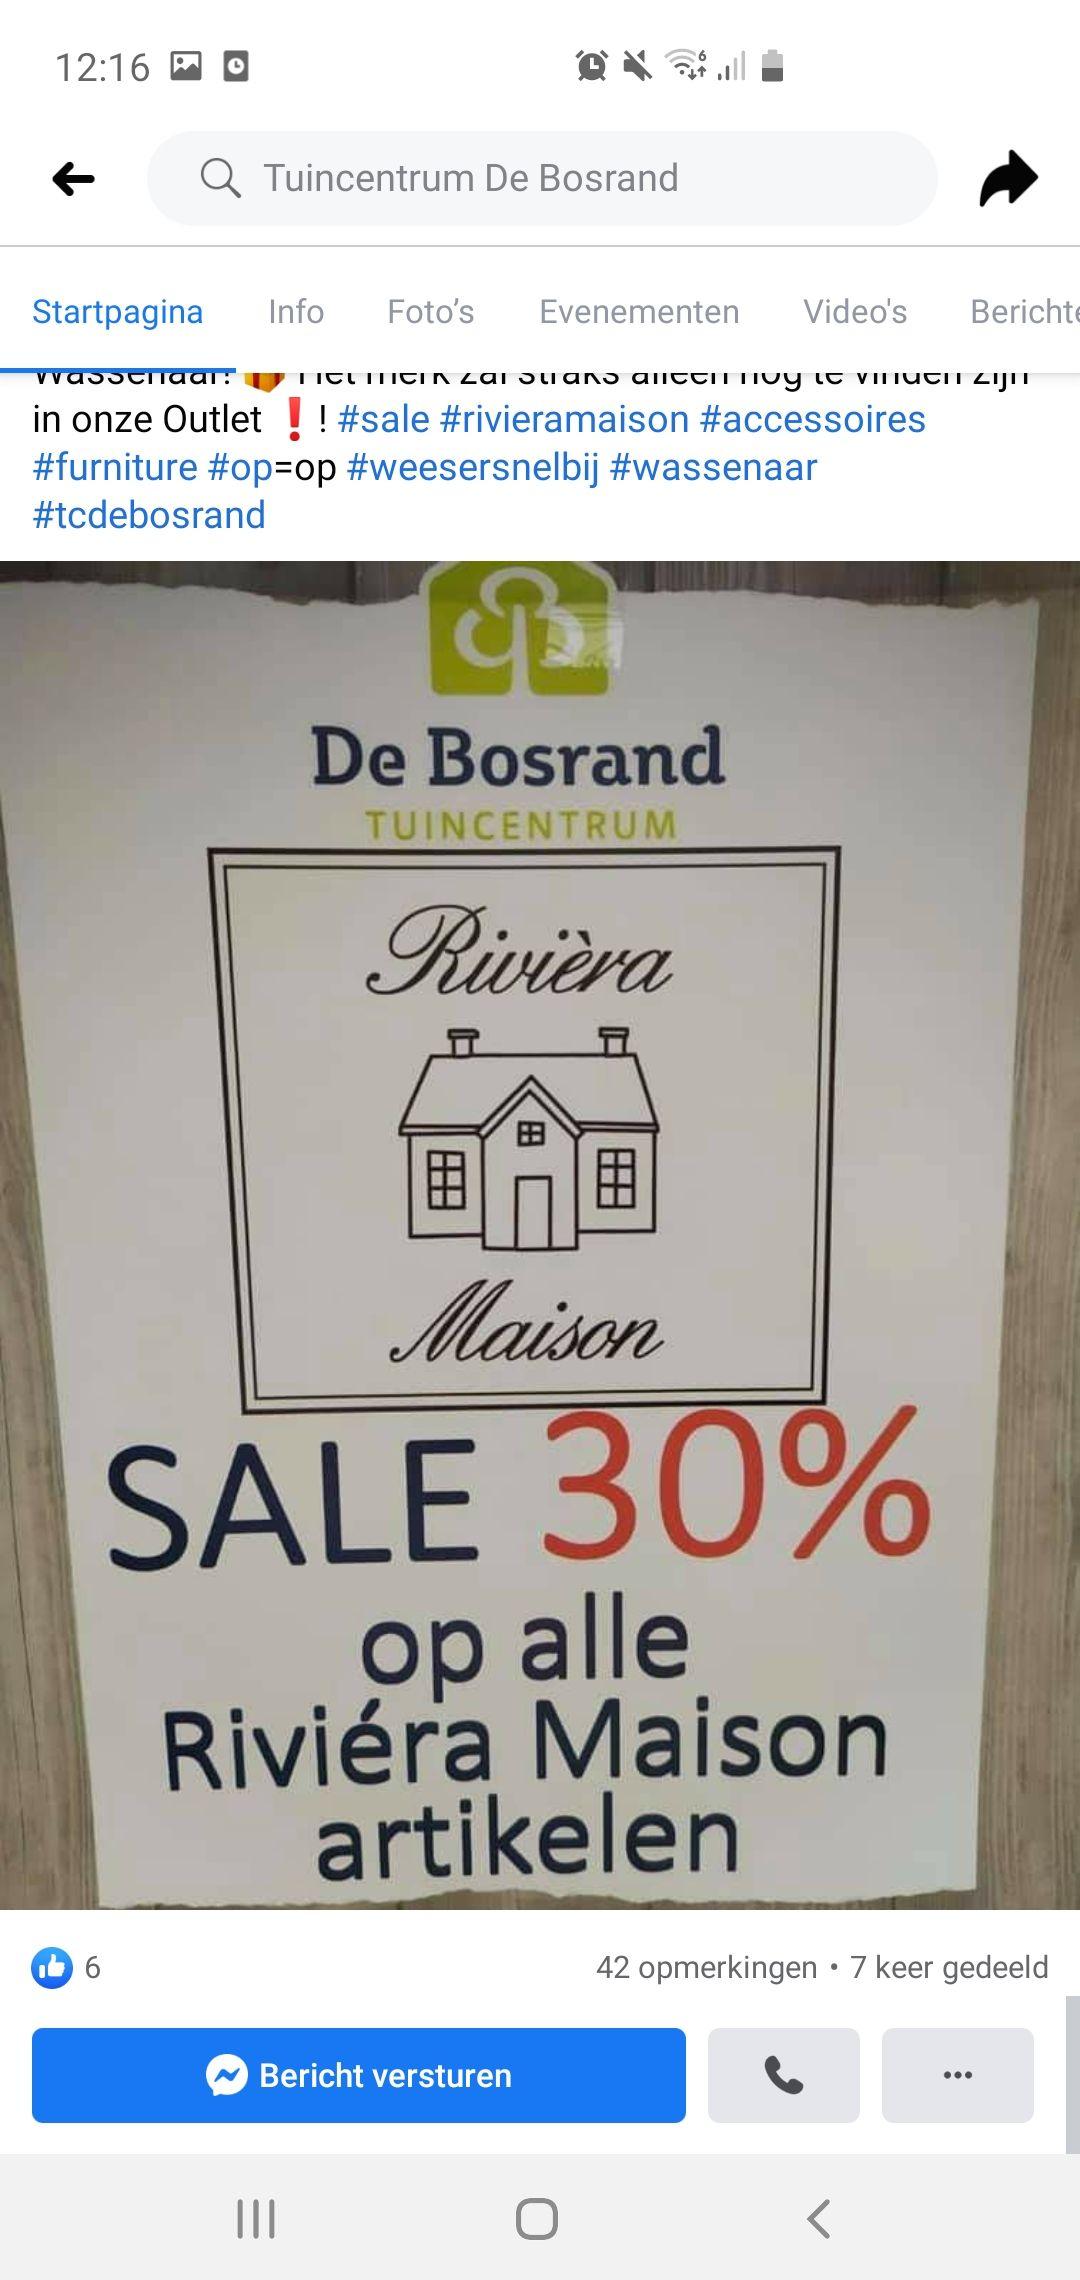 ( LOKAAL ) 30% korting op alles van Riviera Maison bij tuincentrum de bosrand